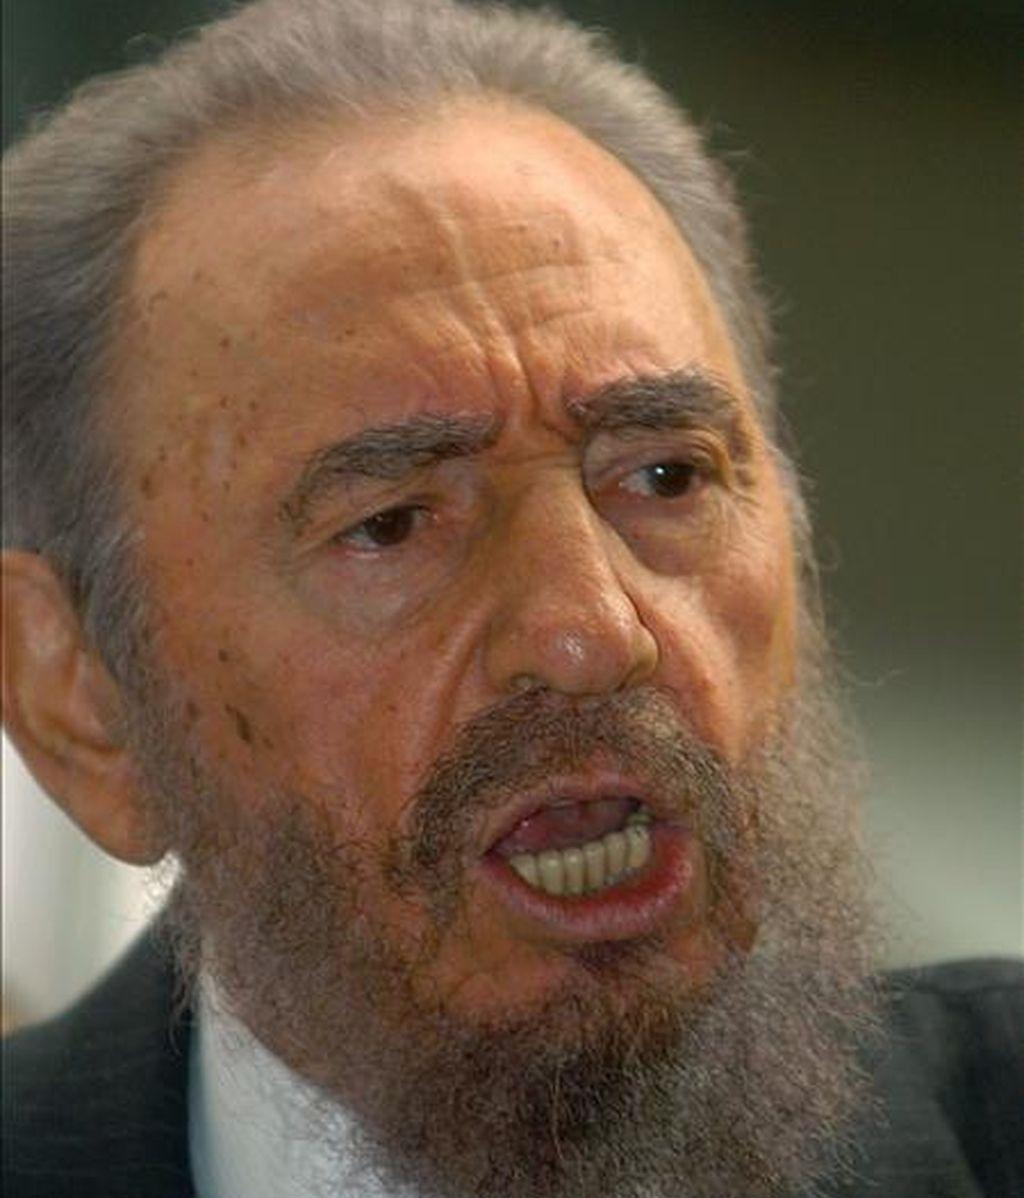 """""""La victoria estratégica"""" es el título del libro de Fidel Castro, según indica él mismo en una nueva """"Reflexión"""" publicada este martes en la web oficial Cubadebate, donde explica que el trabajo incluye una pequeña autobiografía. EFE/Archivo"""